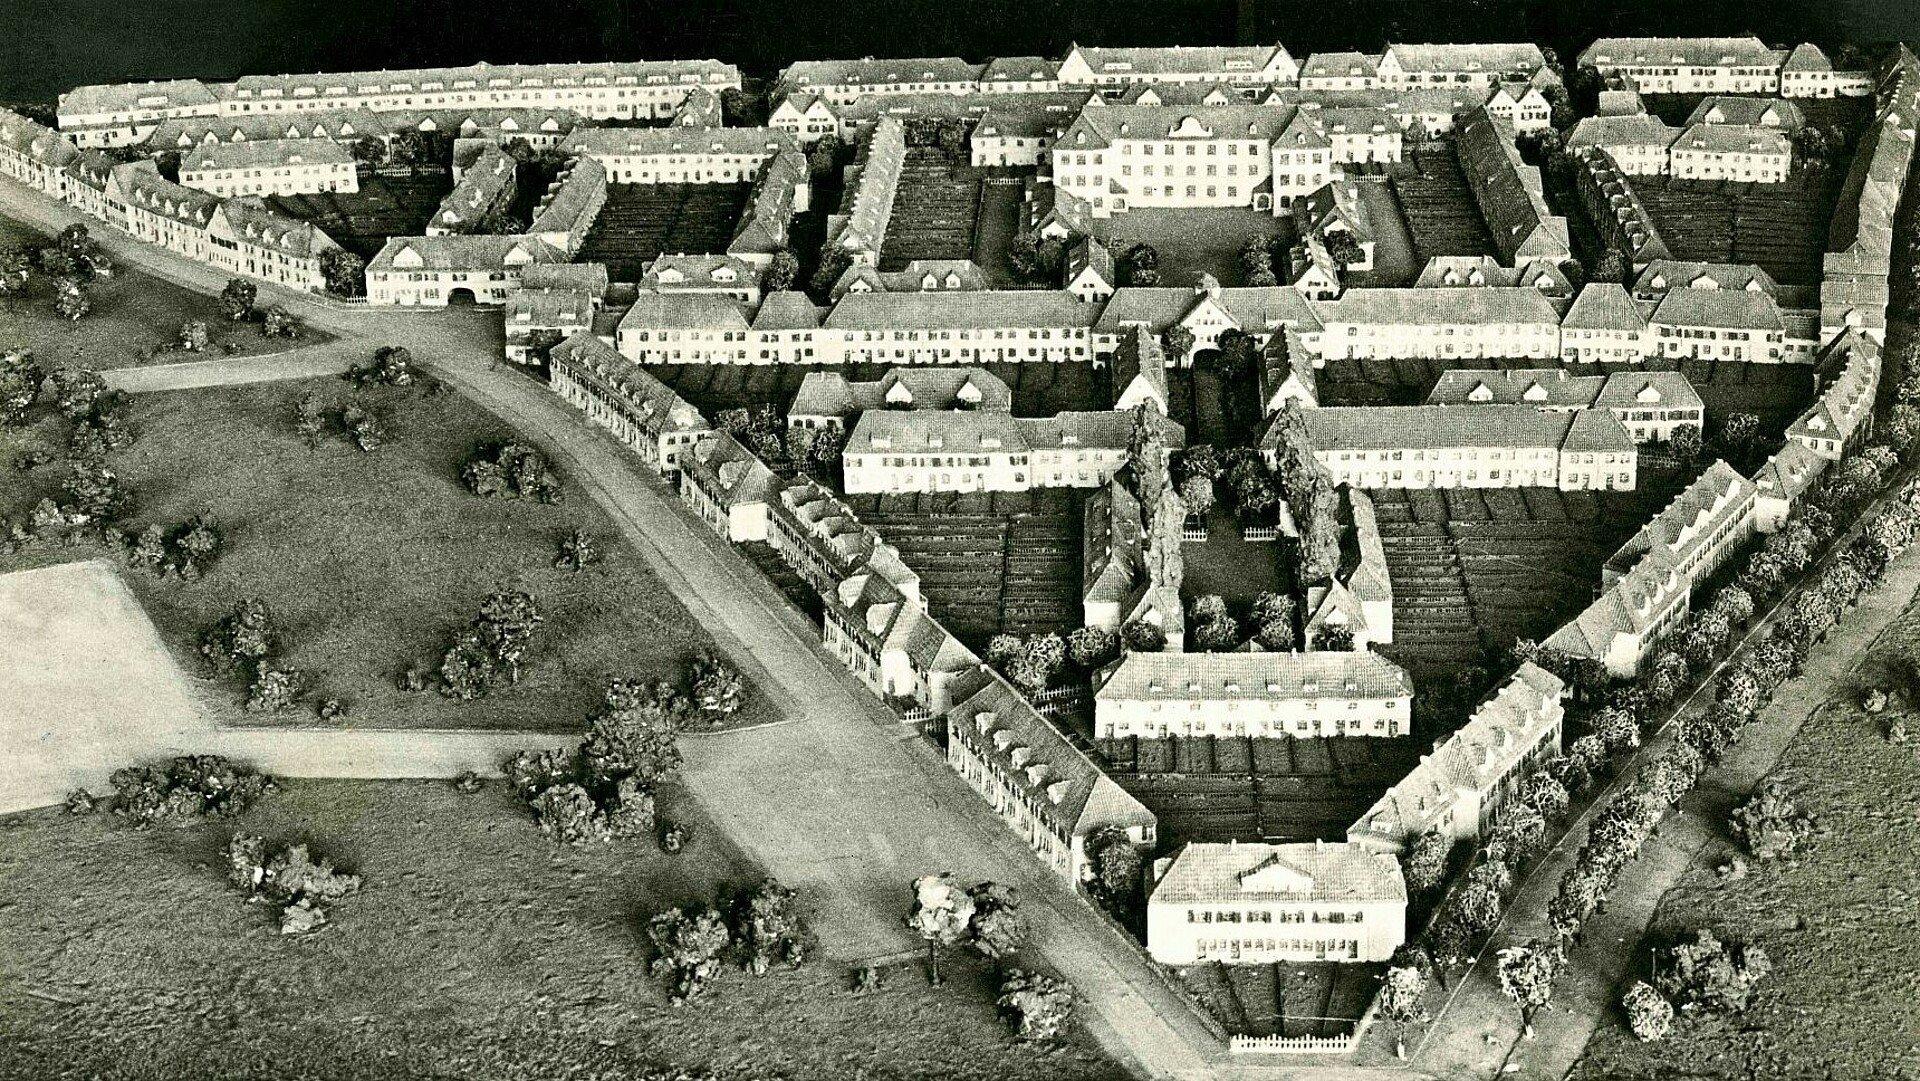 Historisches Foto von einem Modell der Siedlung Bickendorf I in Bickendorf